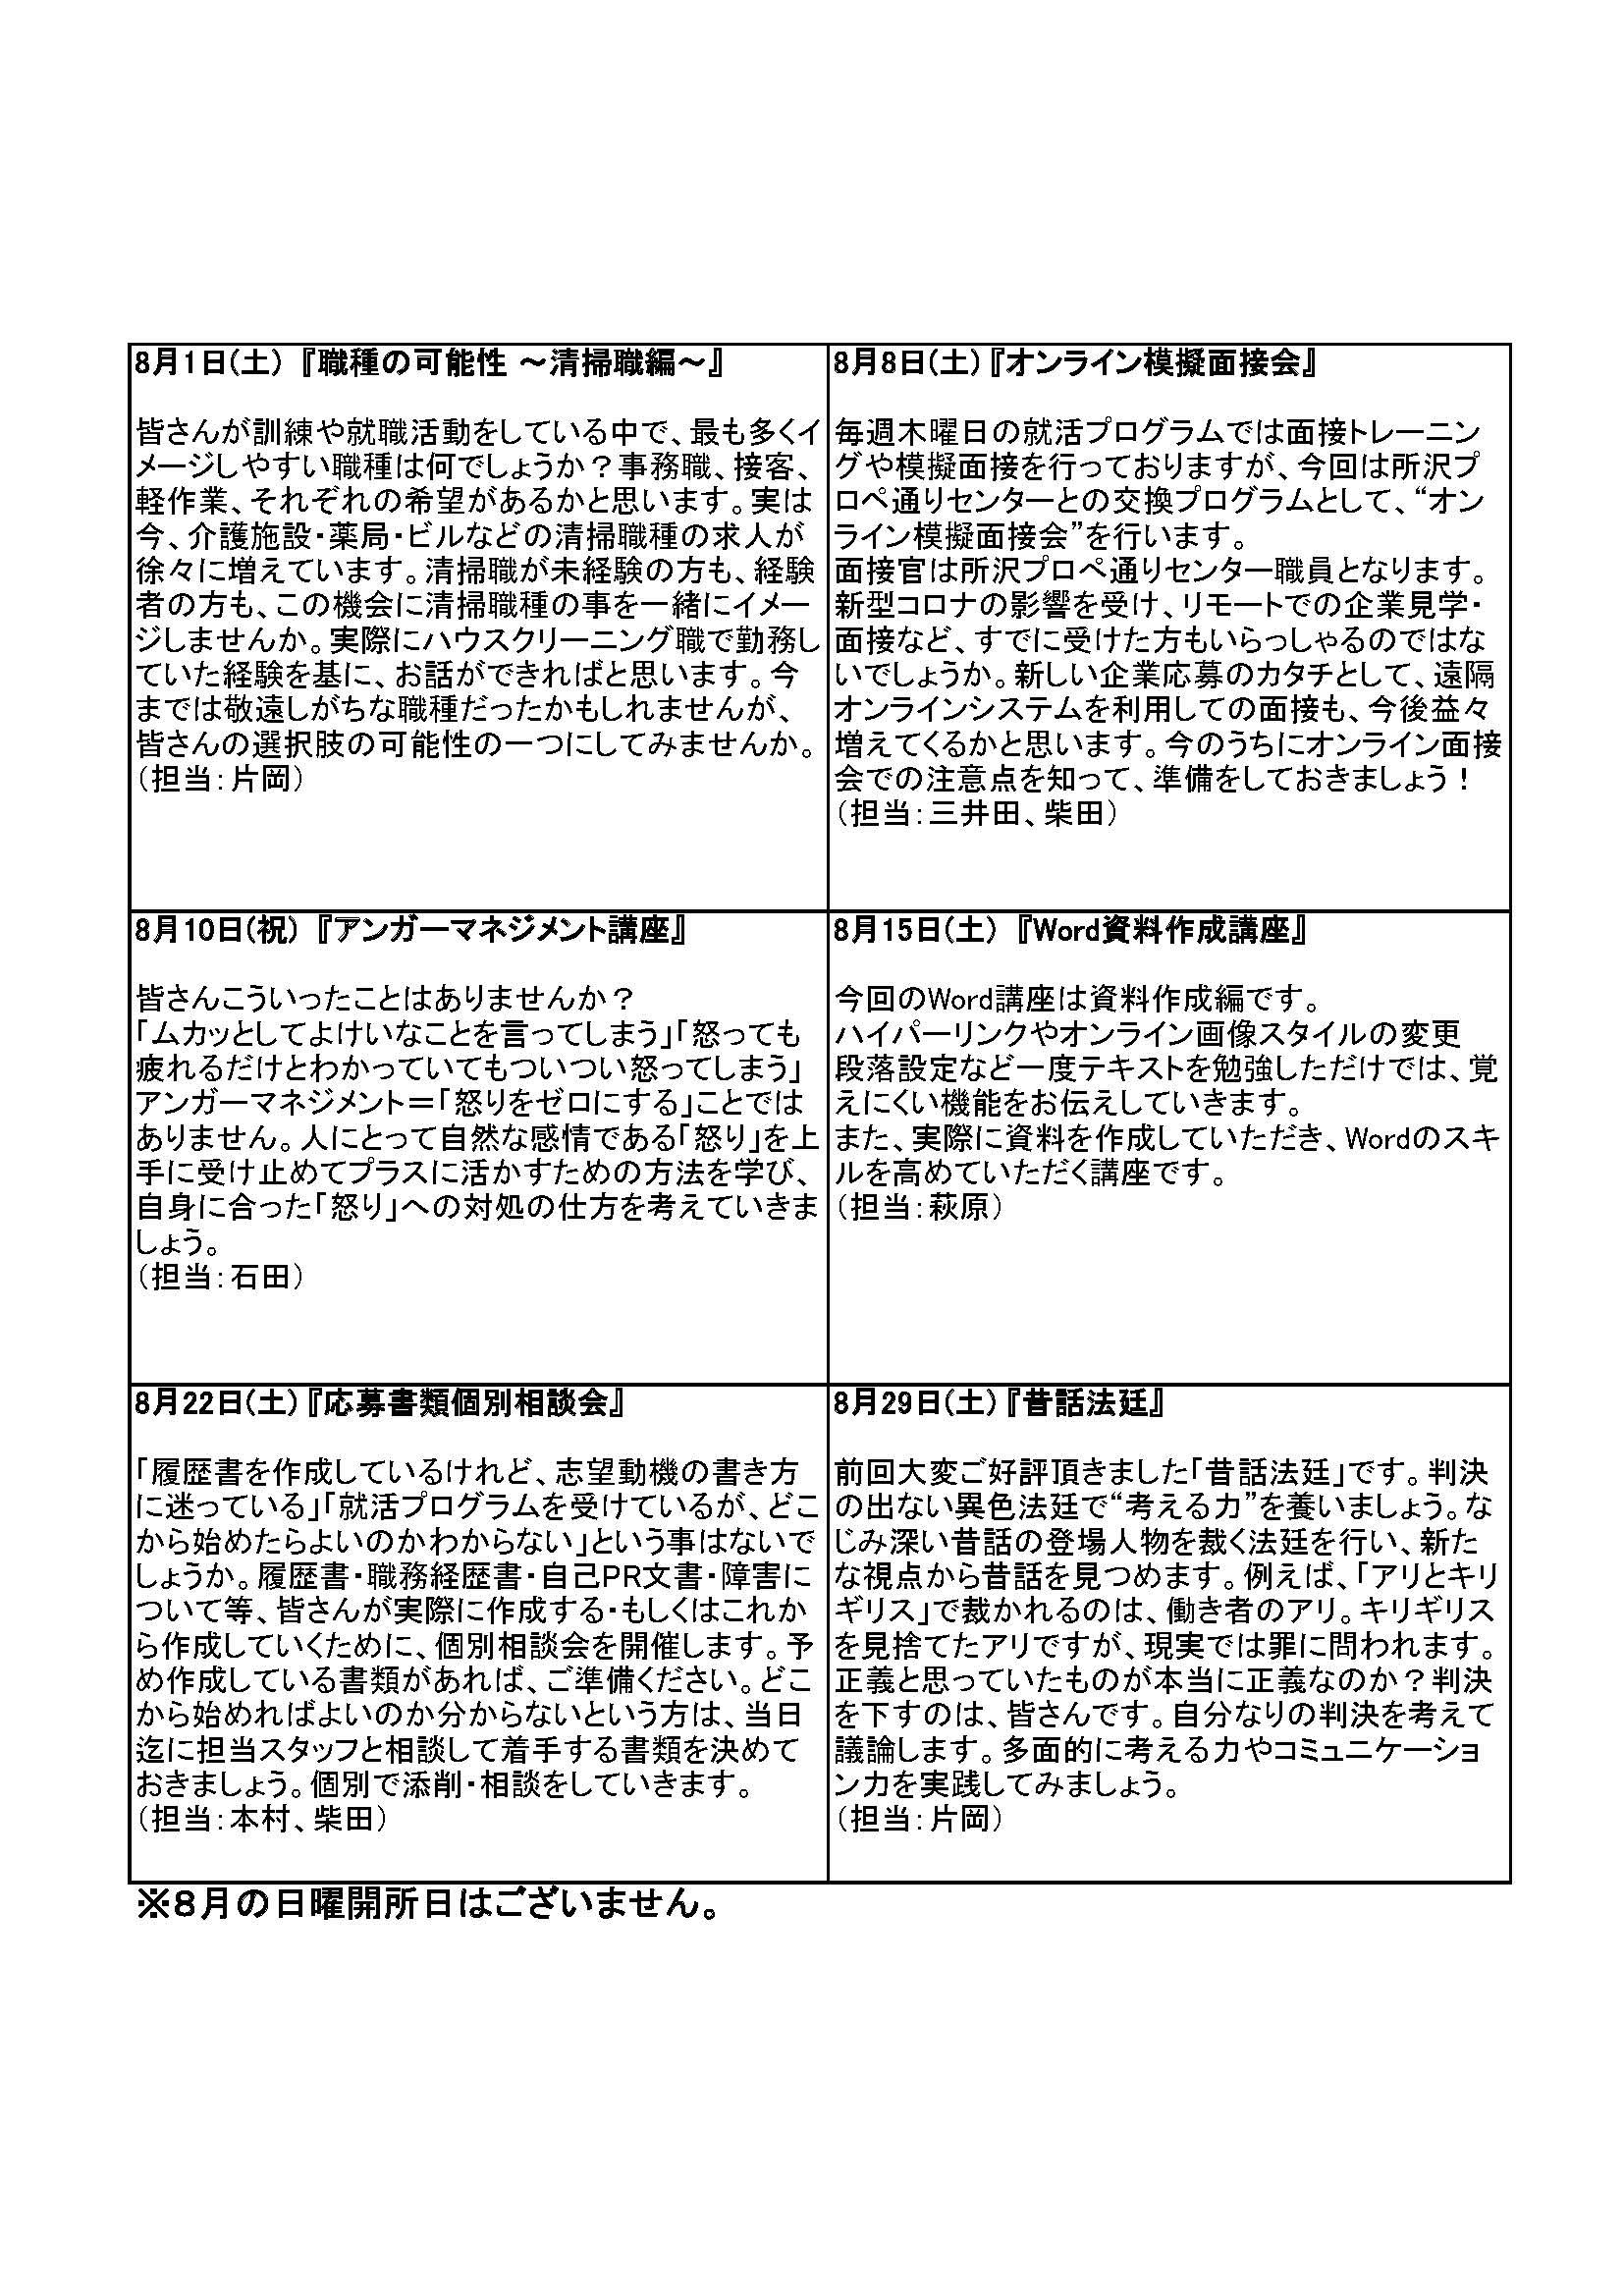 【添付資料】2020年8月月間プログラム_ページ_2